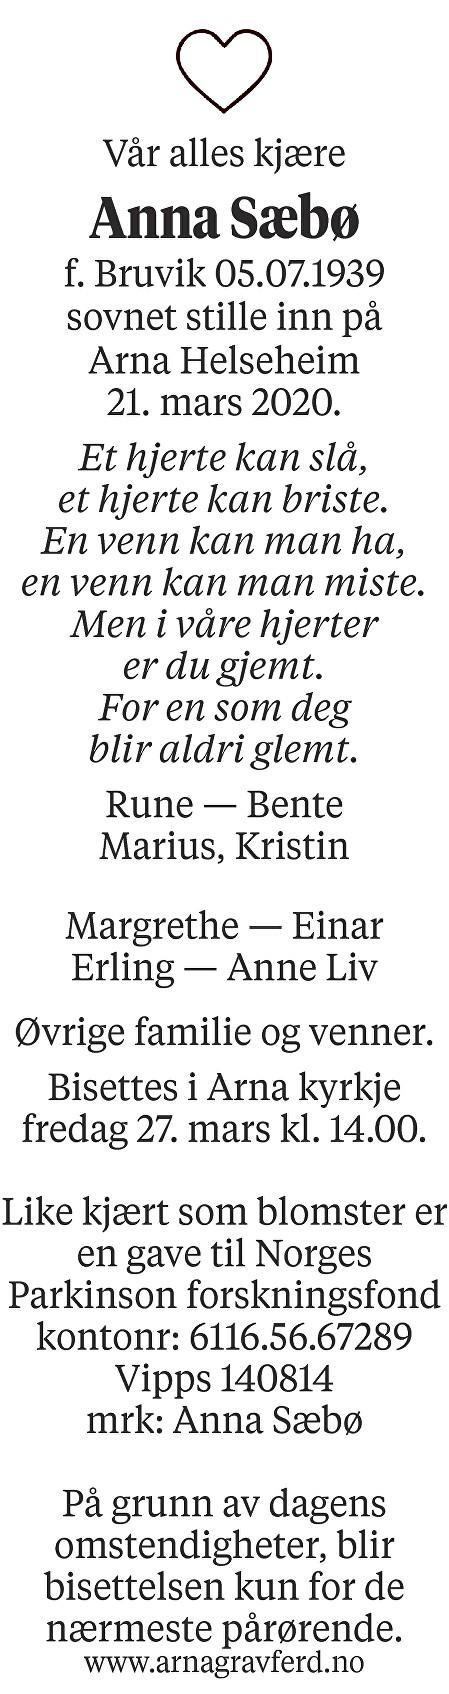 Anna Sæbø Dødsannonse